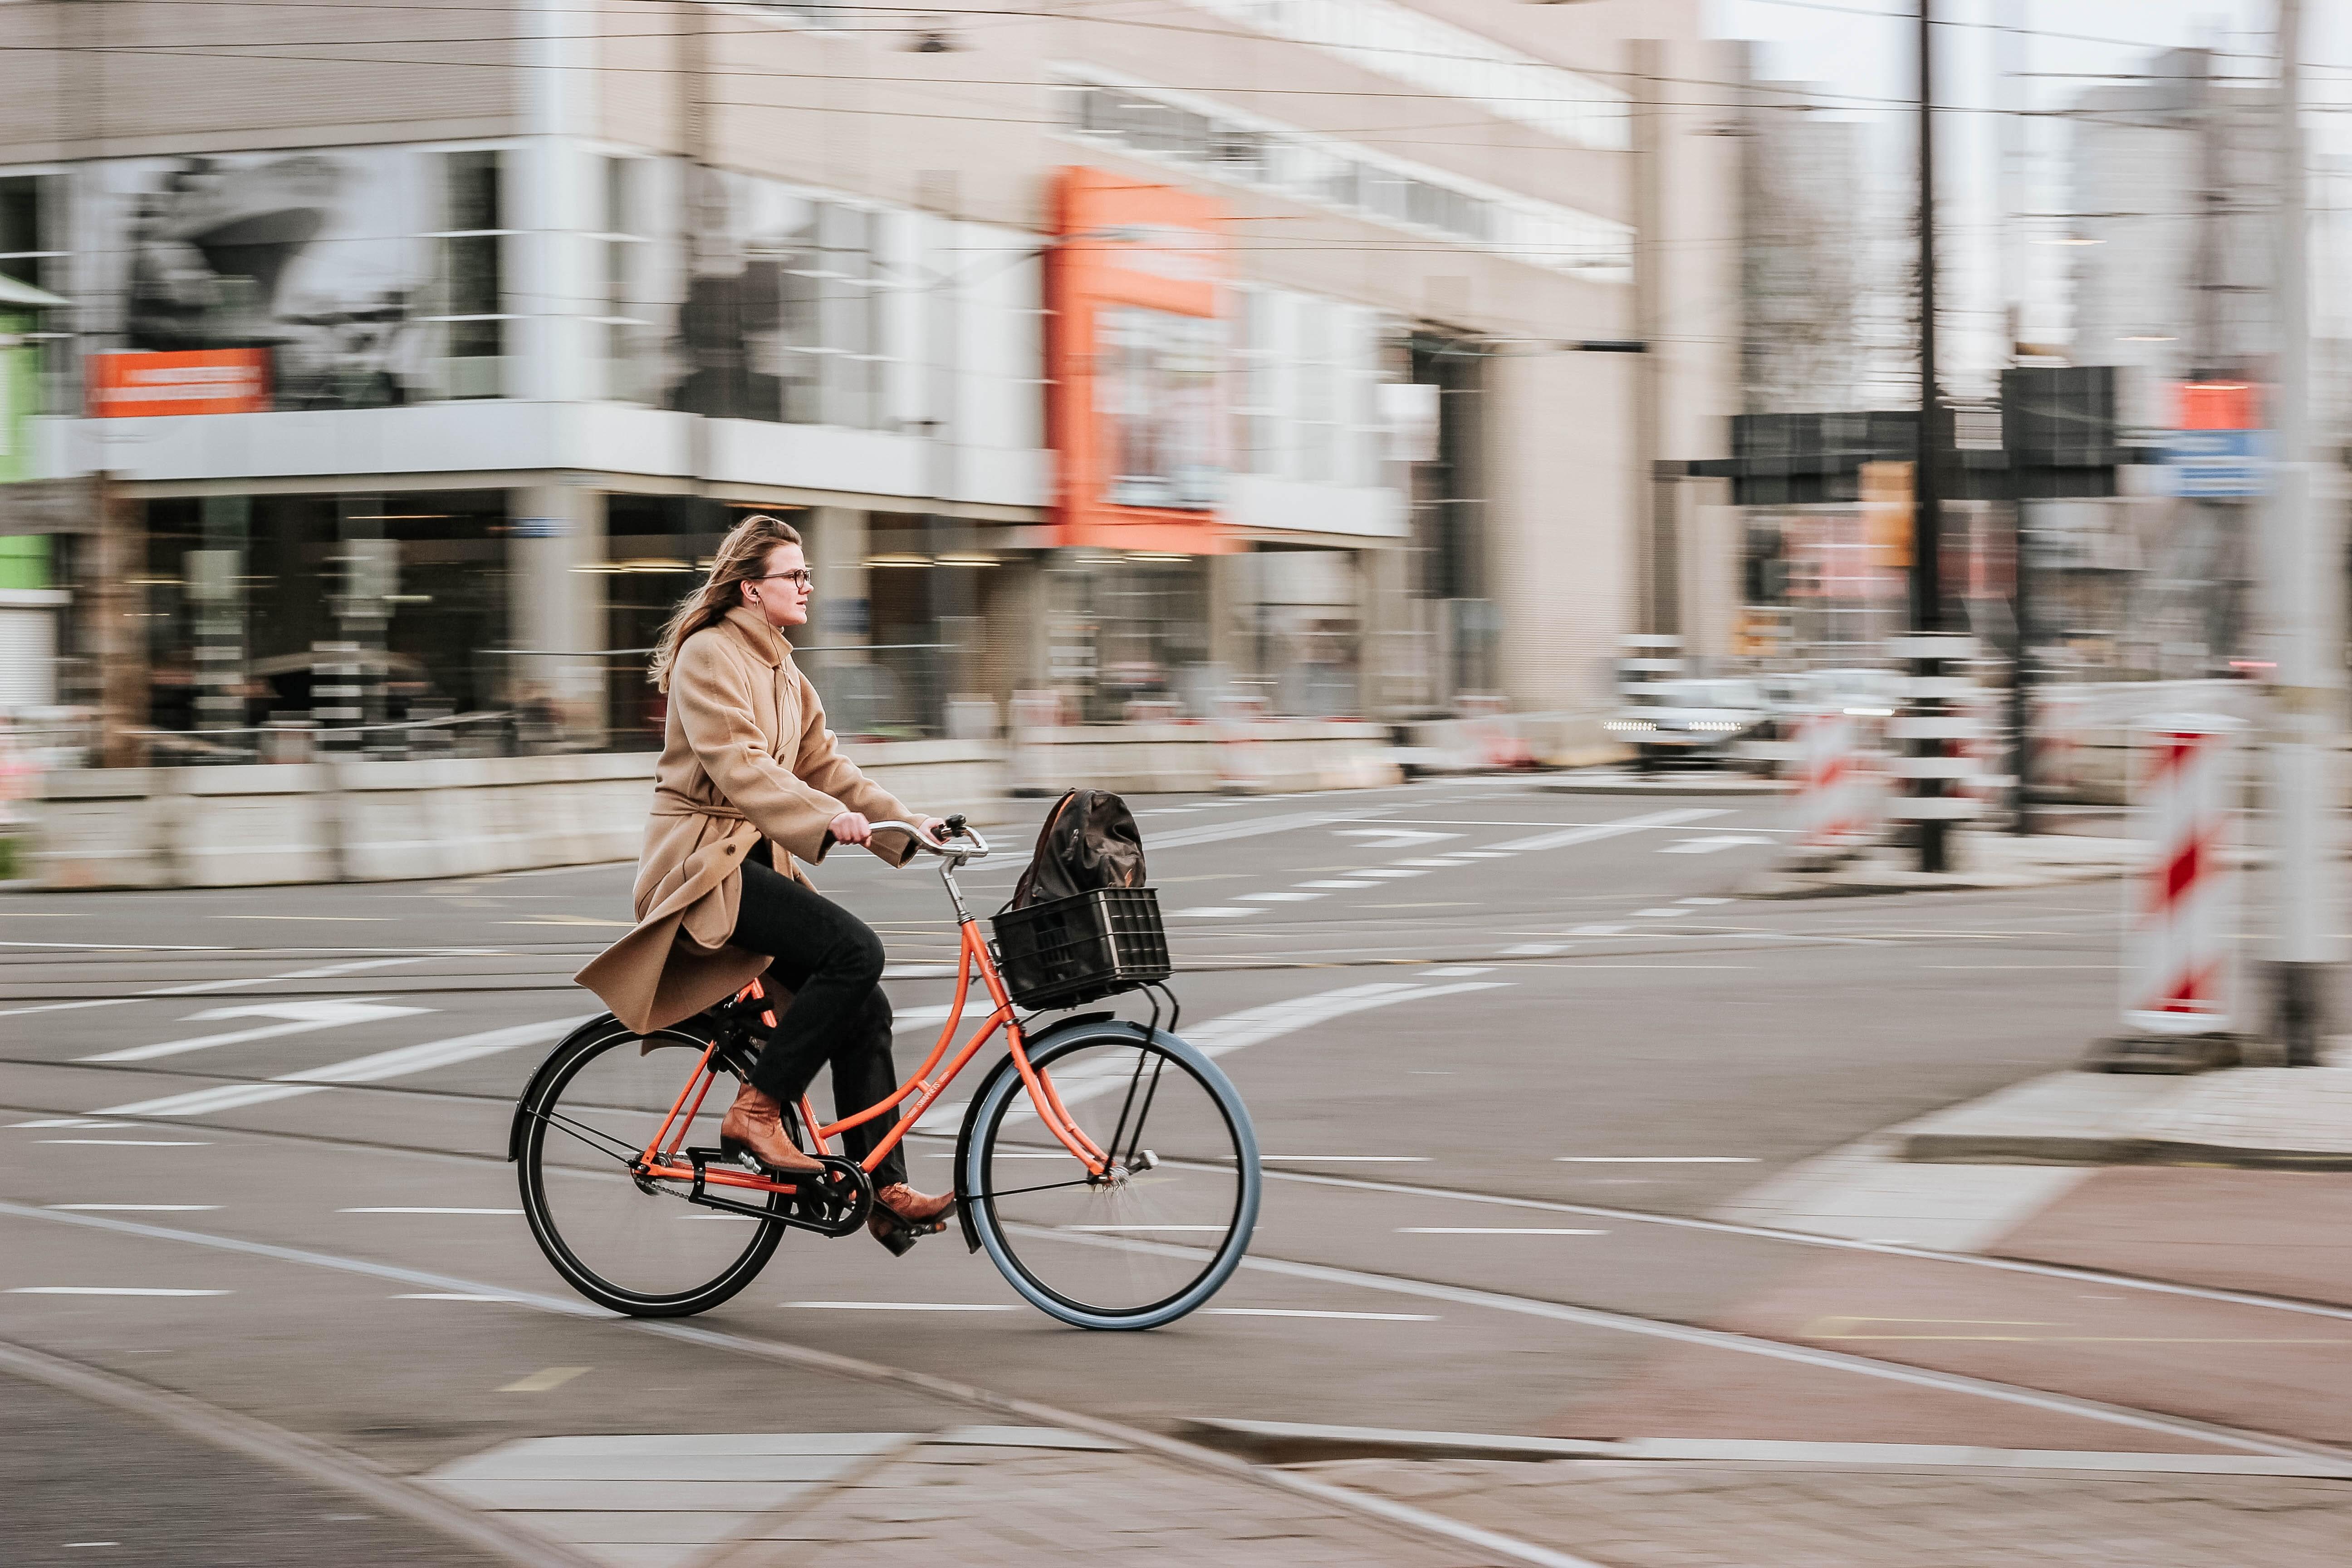 Forfait mobilités durables passe à 500 euros